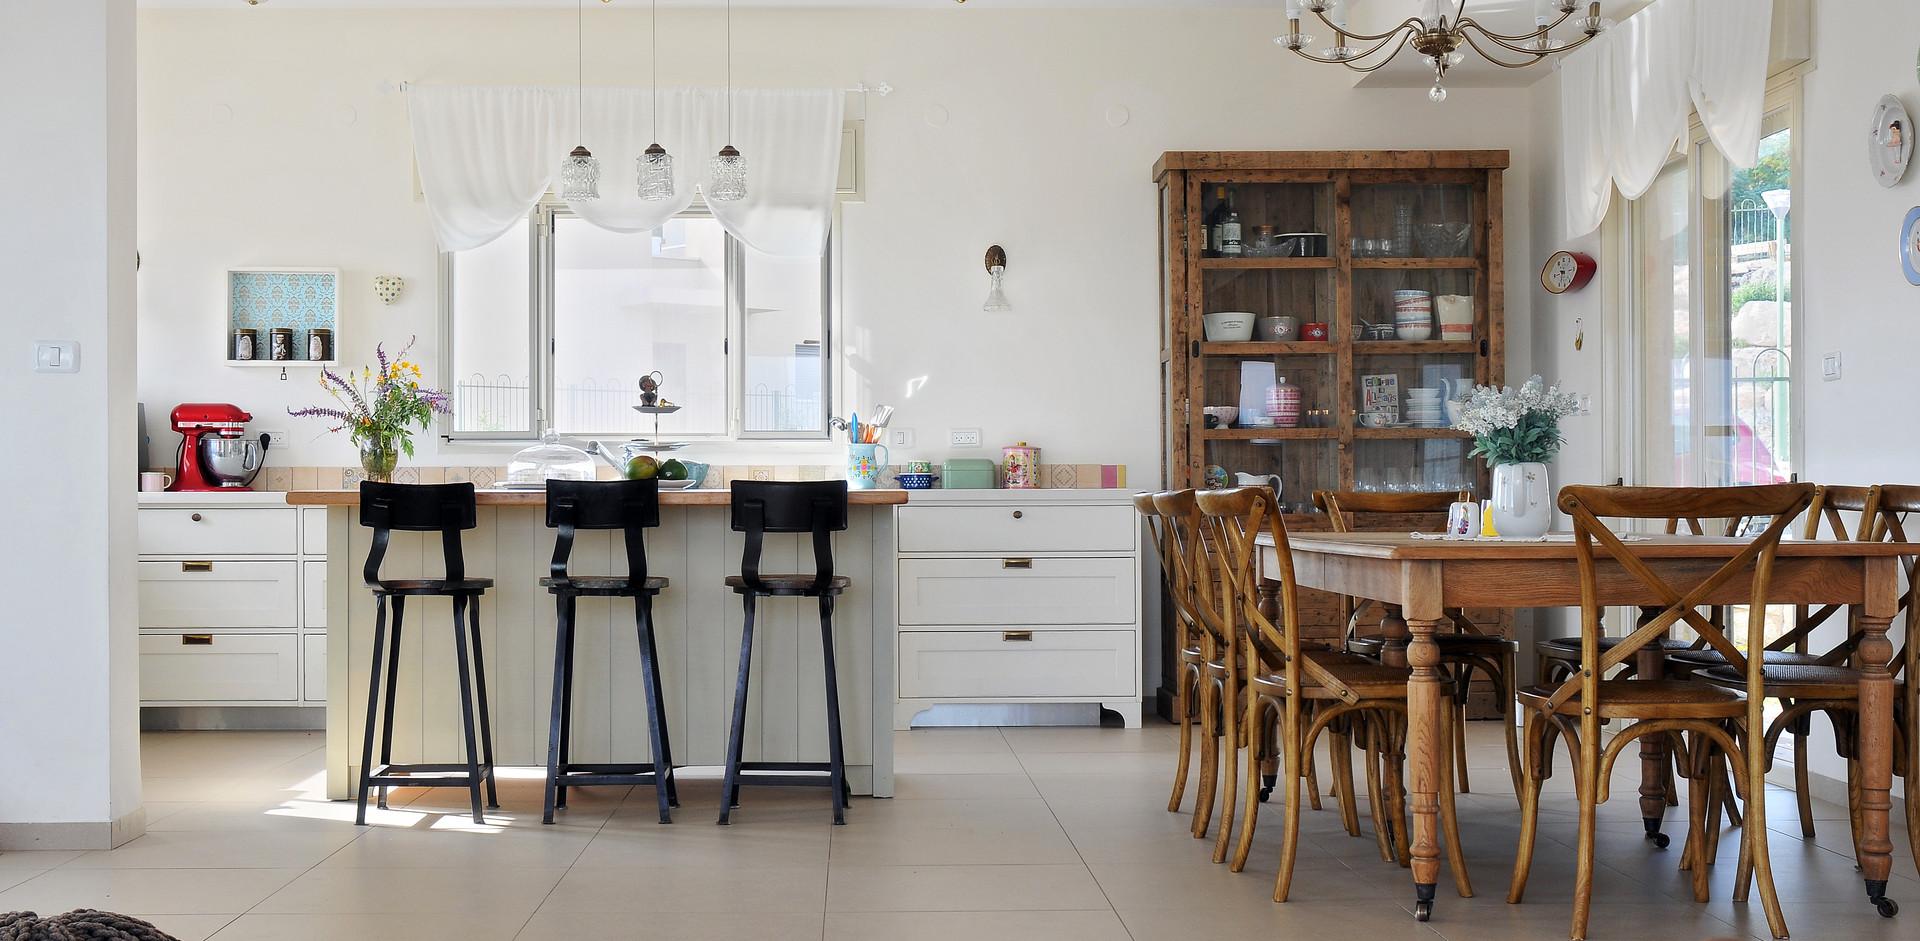 תכנון מטבח מאוסף של פריטים שאוחדו ליצירה אחת